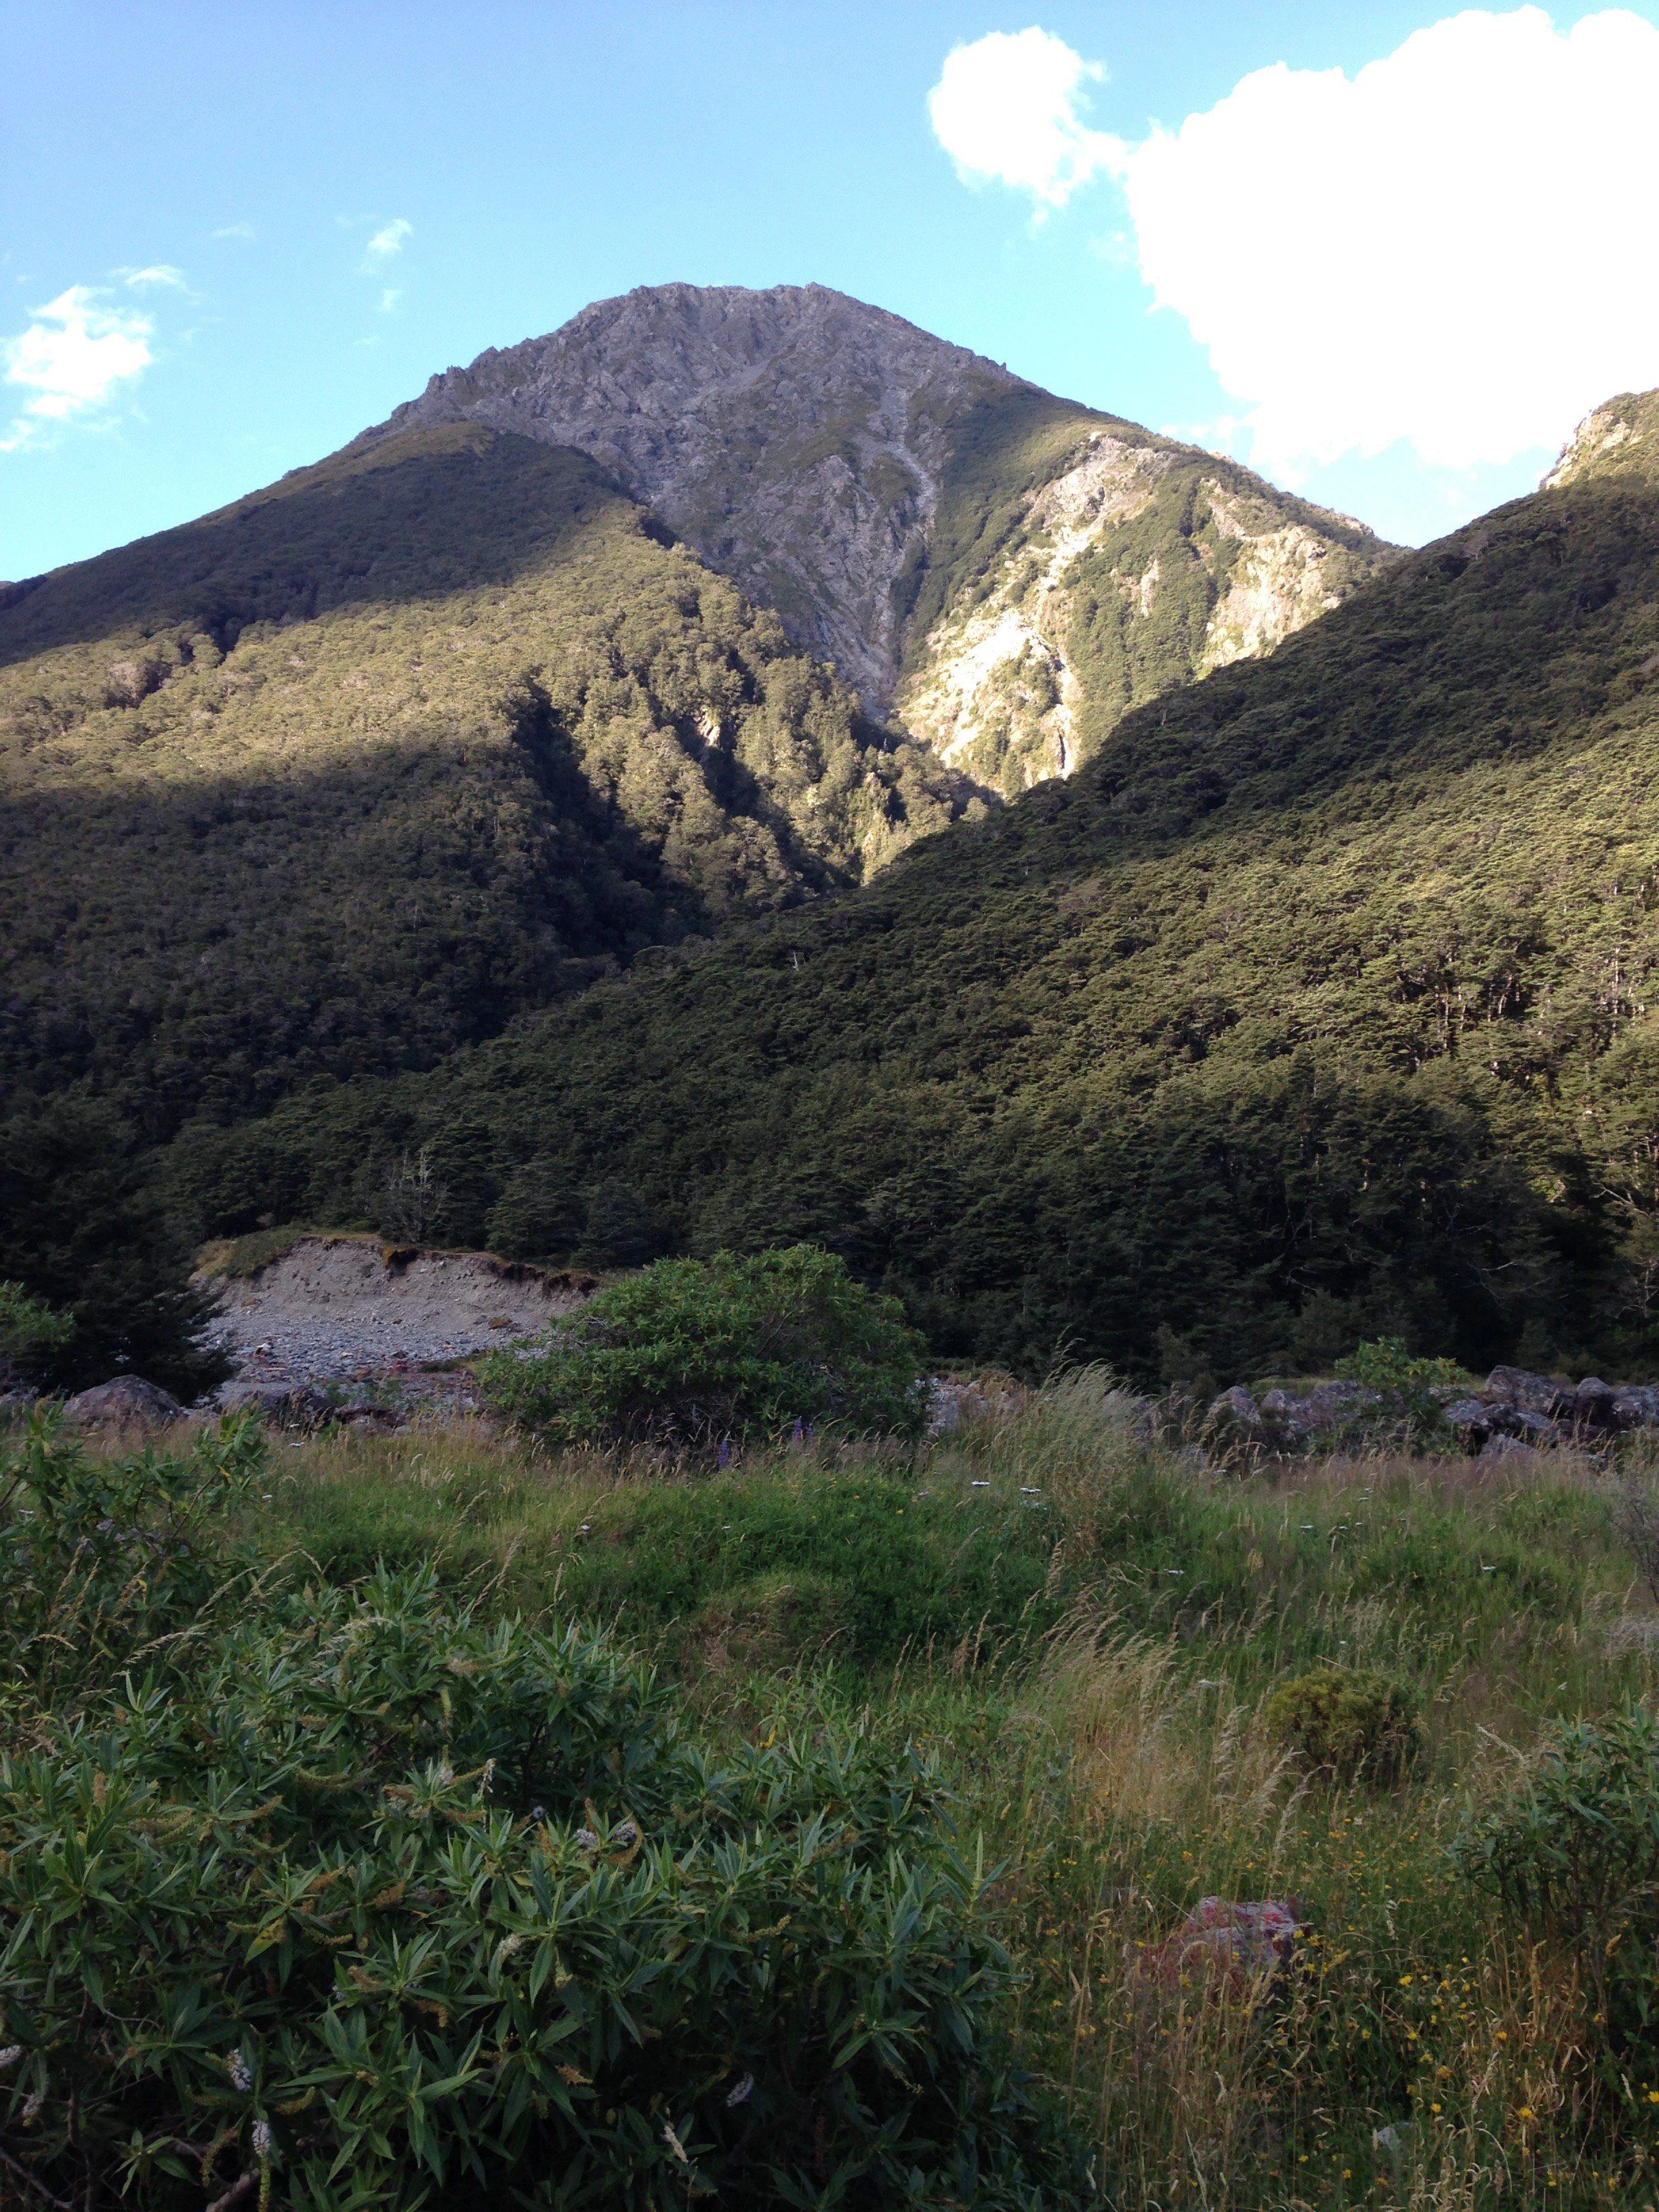 Uusi-Seelanti tarjoaa huimia maisemia.